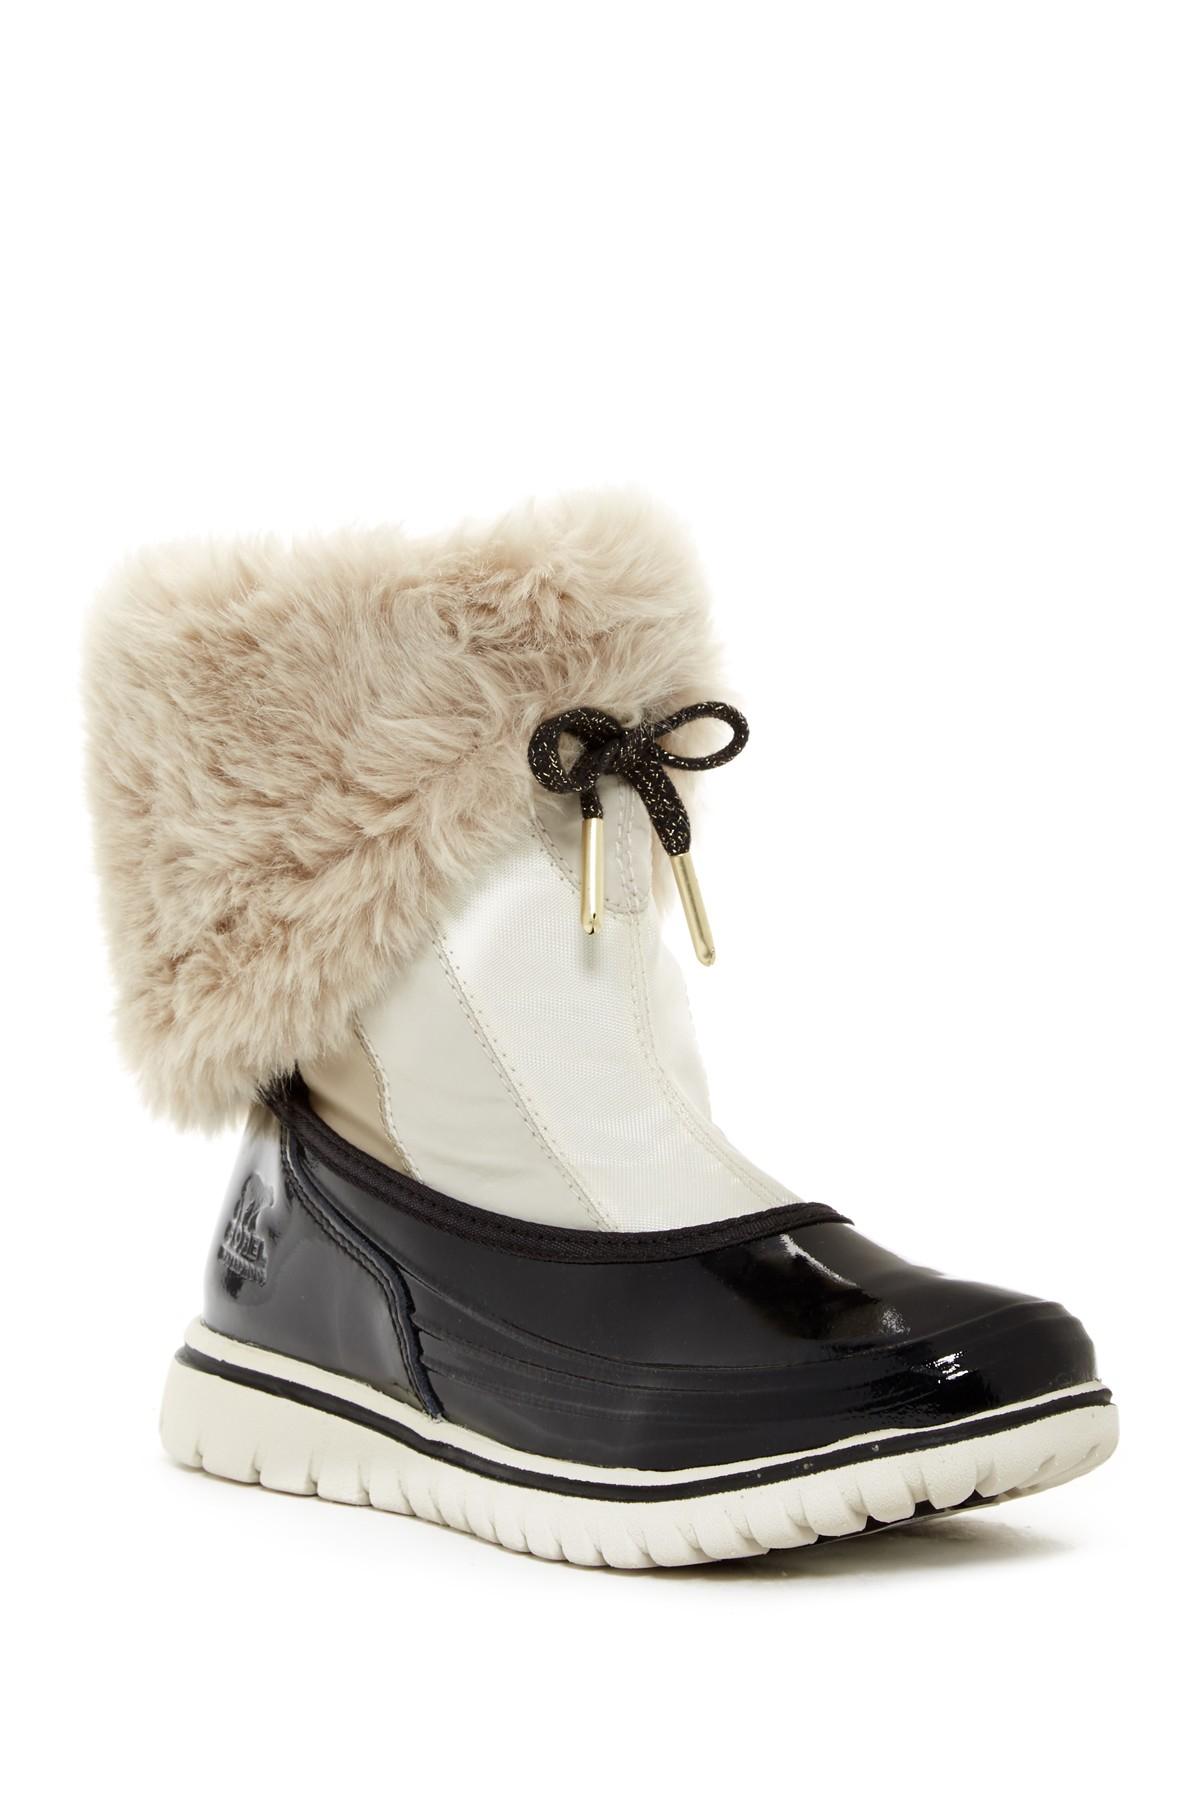 Lyst - Sorel Snowdance Pull On Faux Fur Lined Waterproof Boot (women) 190ee178f